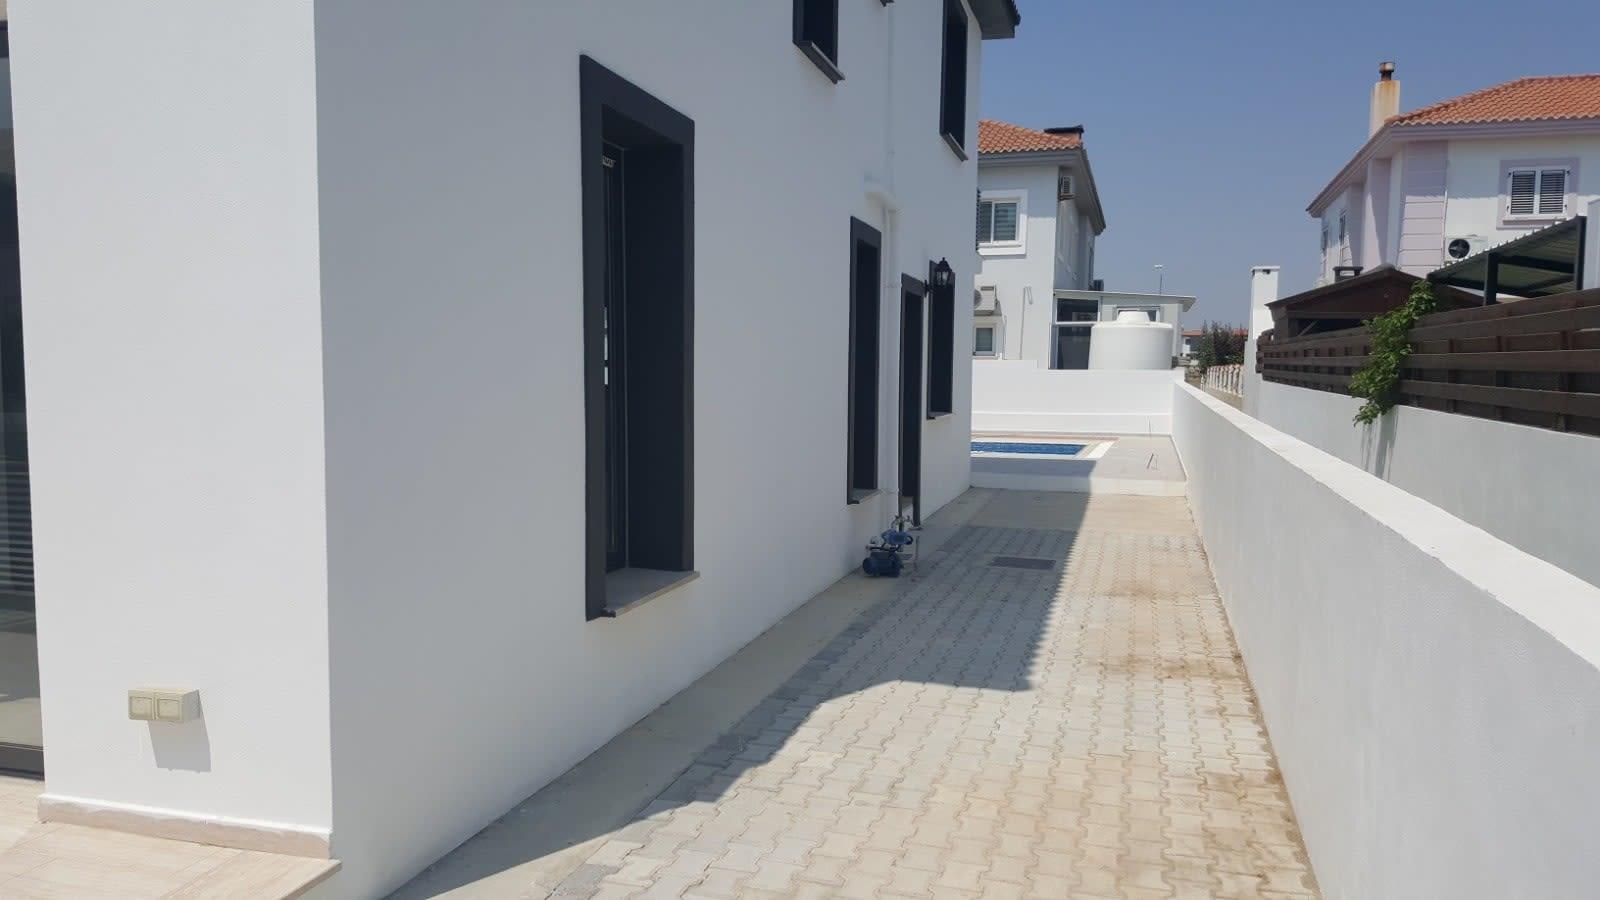 Yenikent'te 4 Yatak Odalı Satılık Havuzlu ve Türk Malı Villa 5264